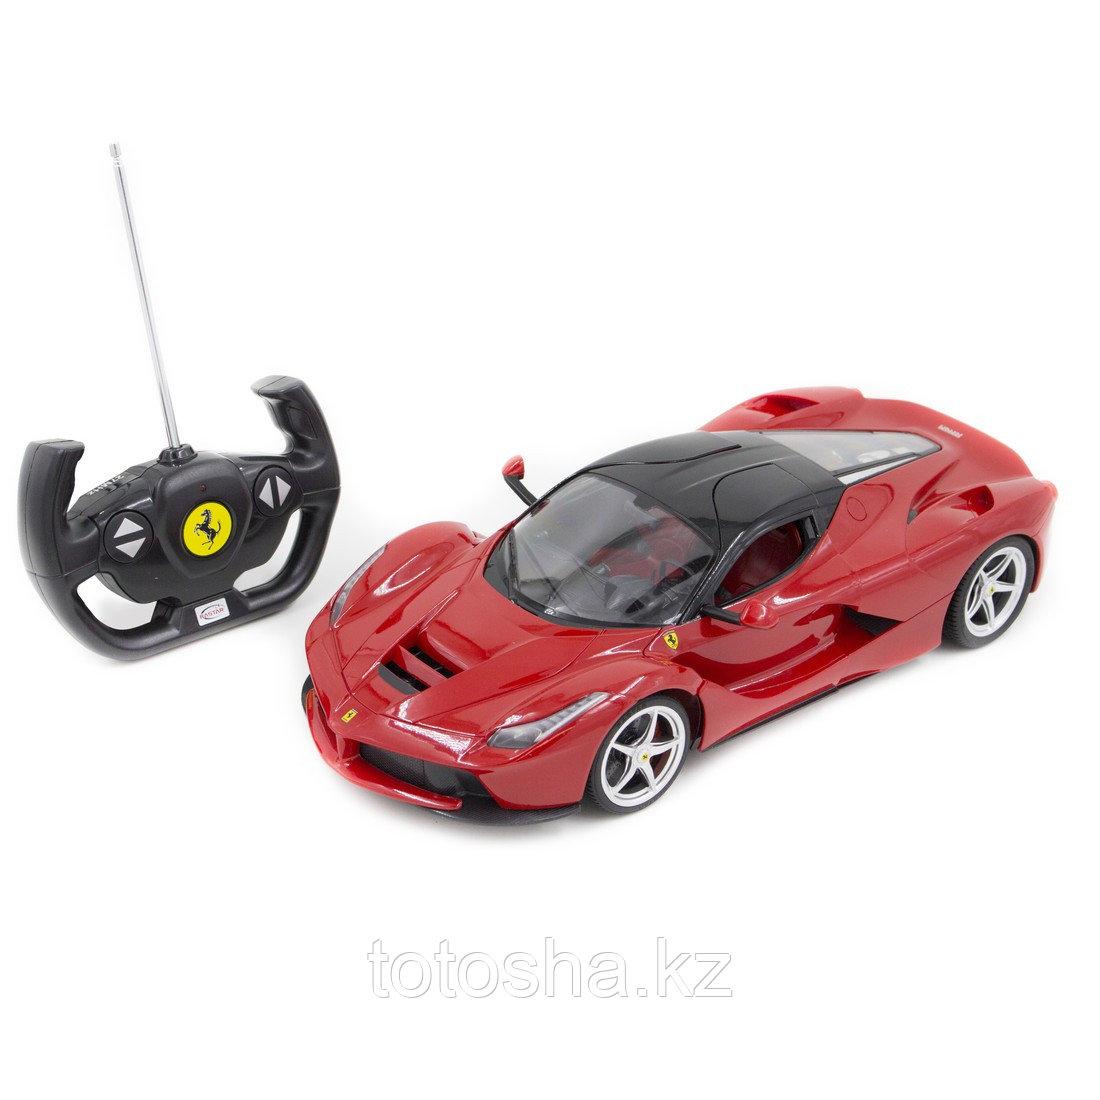 Радиоуправляемая машина Ferrari LaFerrari 1:14, RASTAR 50100R